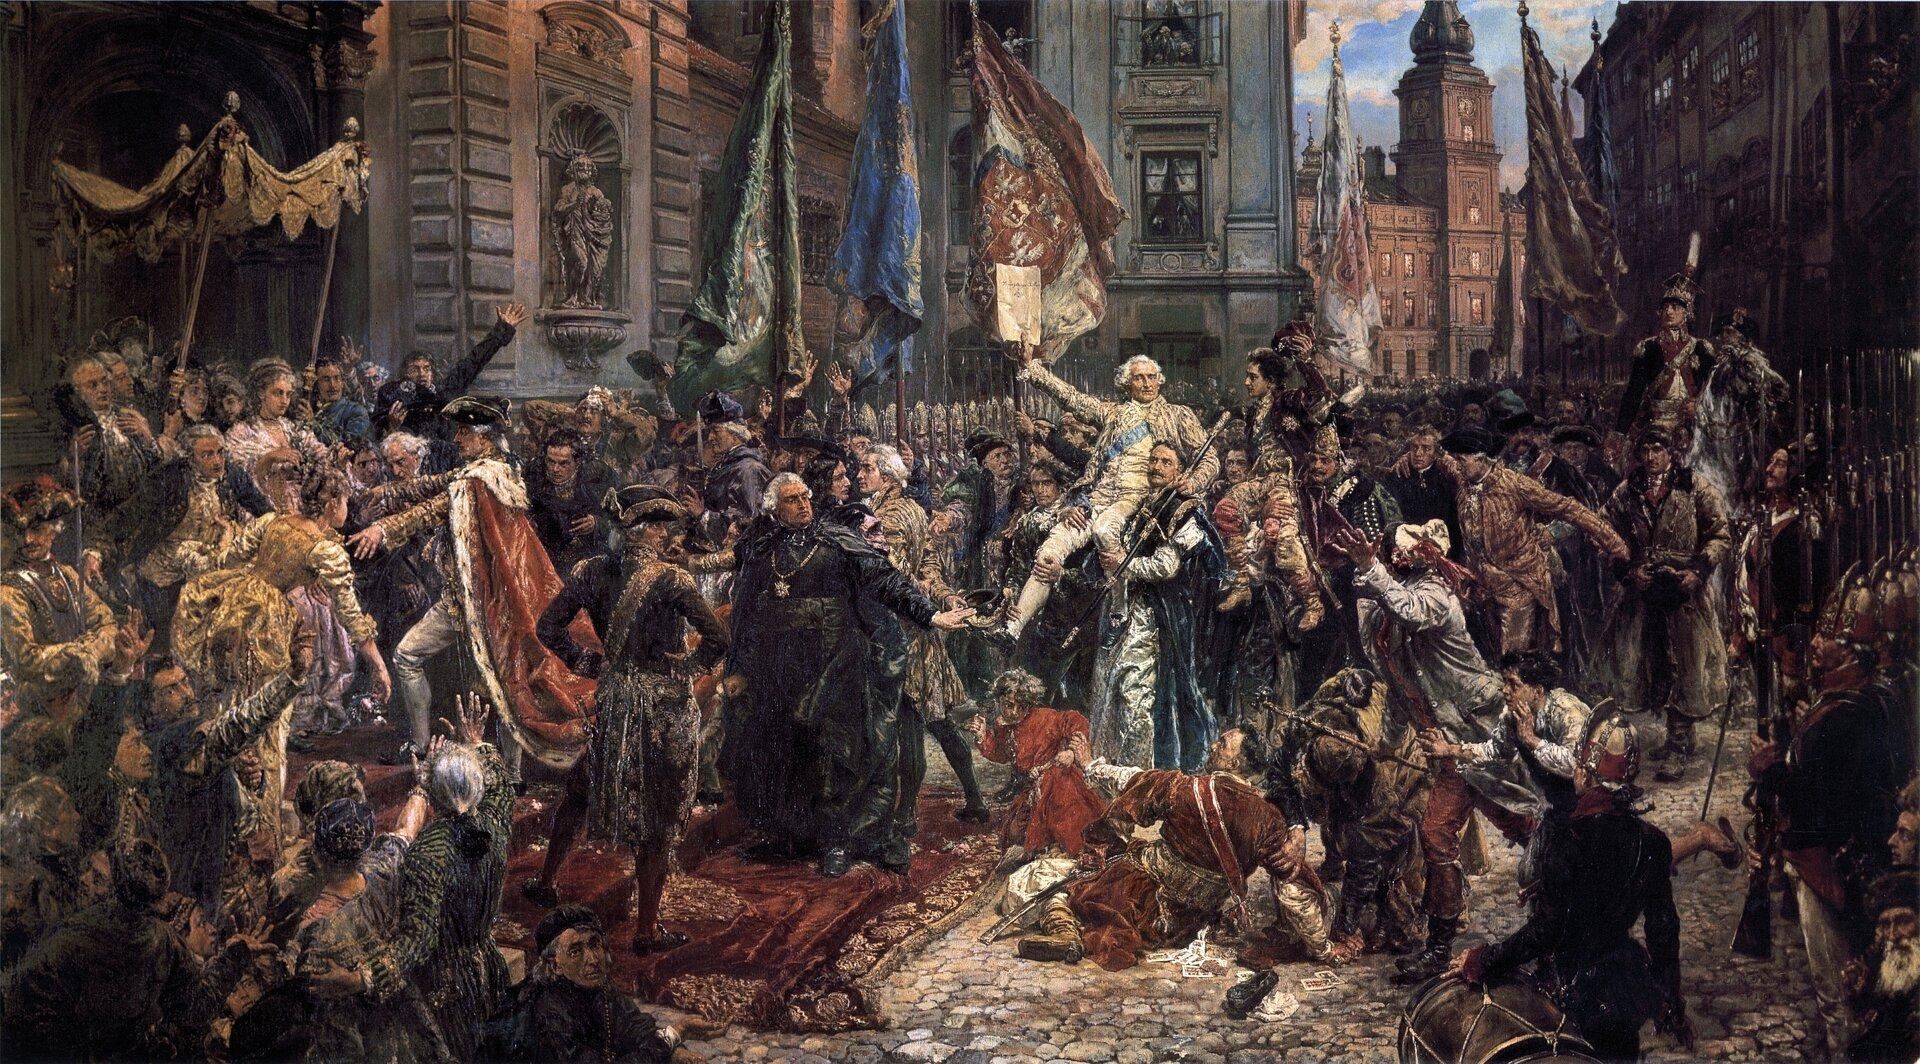 Konstytucja 3 Maja 1791 roku Źródło: Jan Matejko, Konstytucja 3 Maja 1791 roku, 1891, olej na płótnie, Zamek Królewski wWarszawie, domena publiczna.